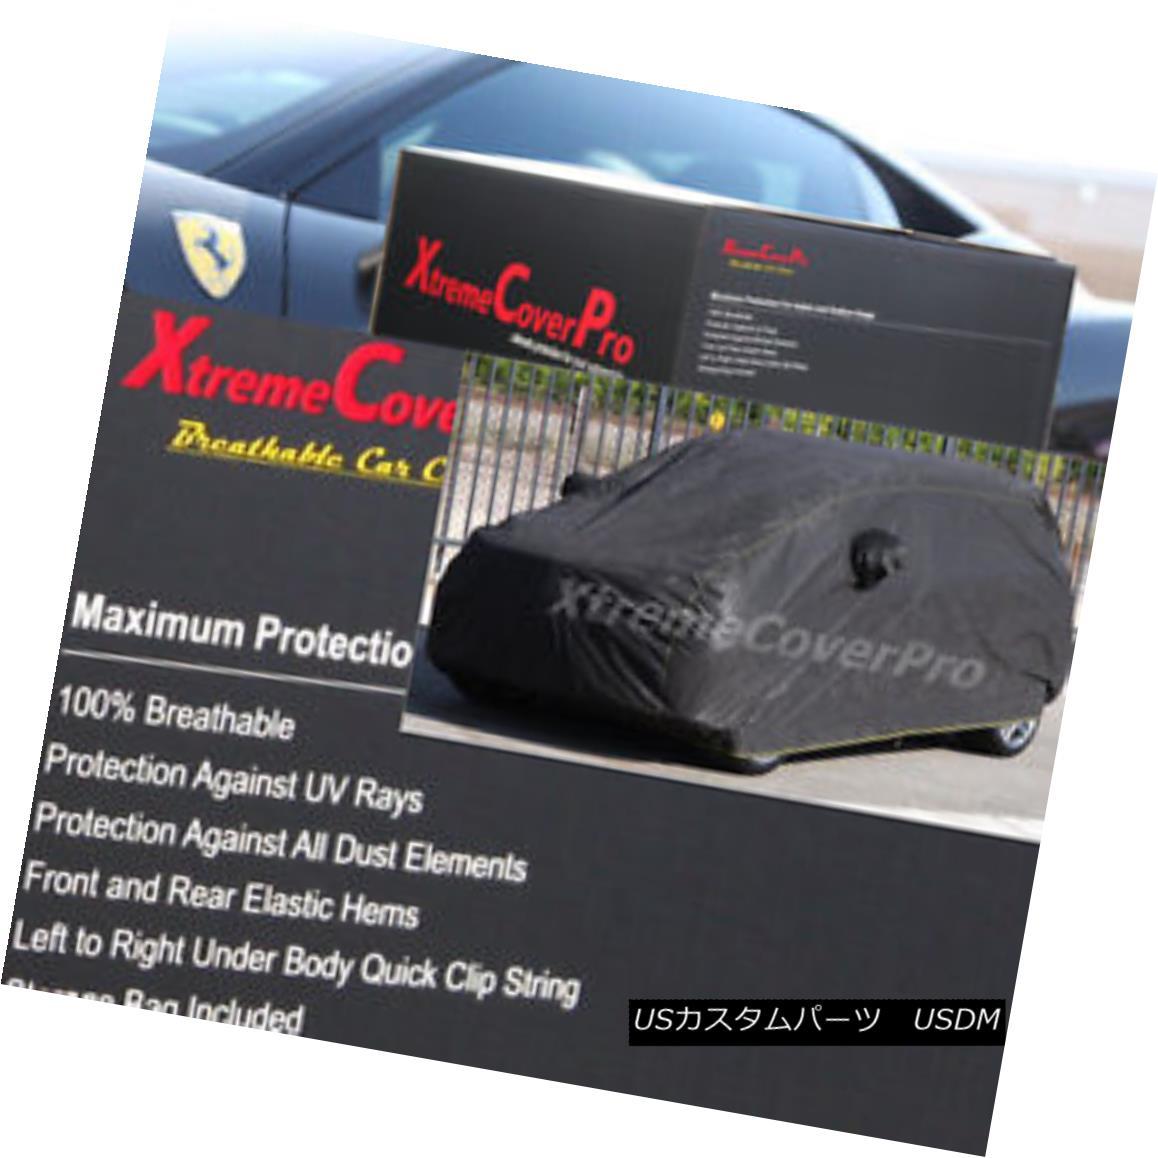 カーカバー 2015 SUBARU XV CROSSTREK Breathable Car Cover w/Mirror Pockets - Black 2015 SUBARU XV CROSSTREK通気性のある車カバー付き/ミラーポケット - ブラック